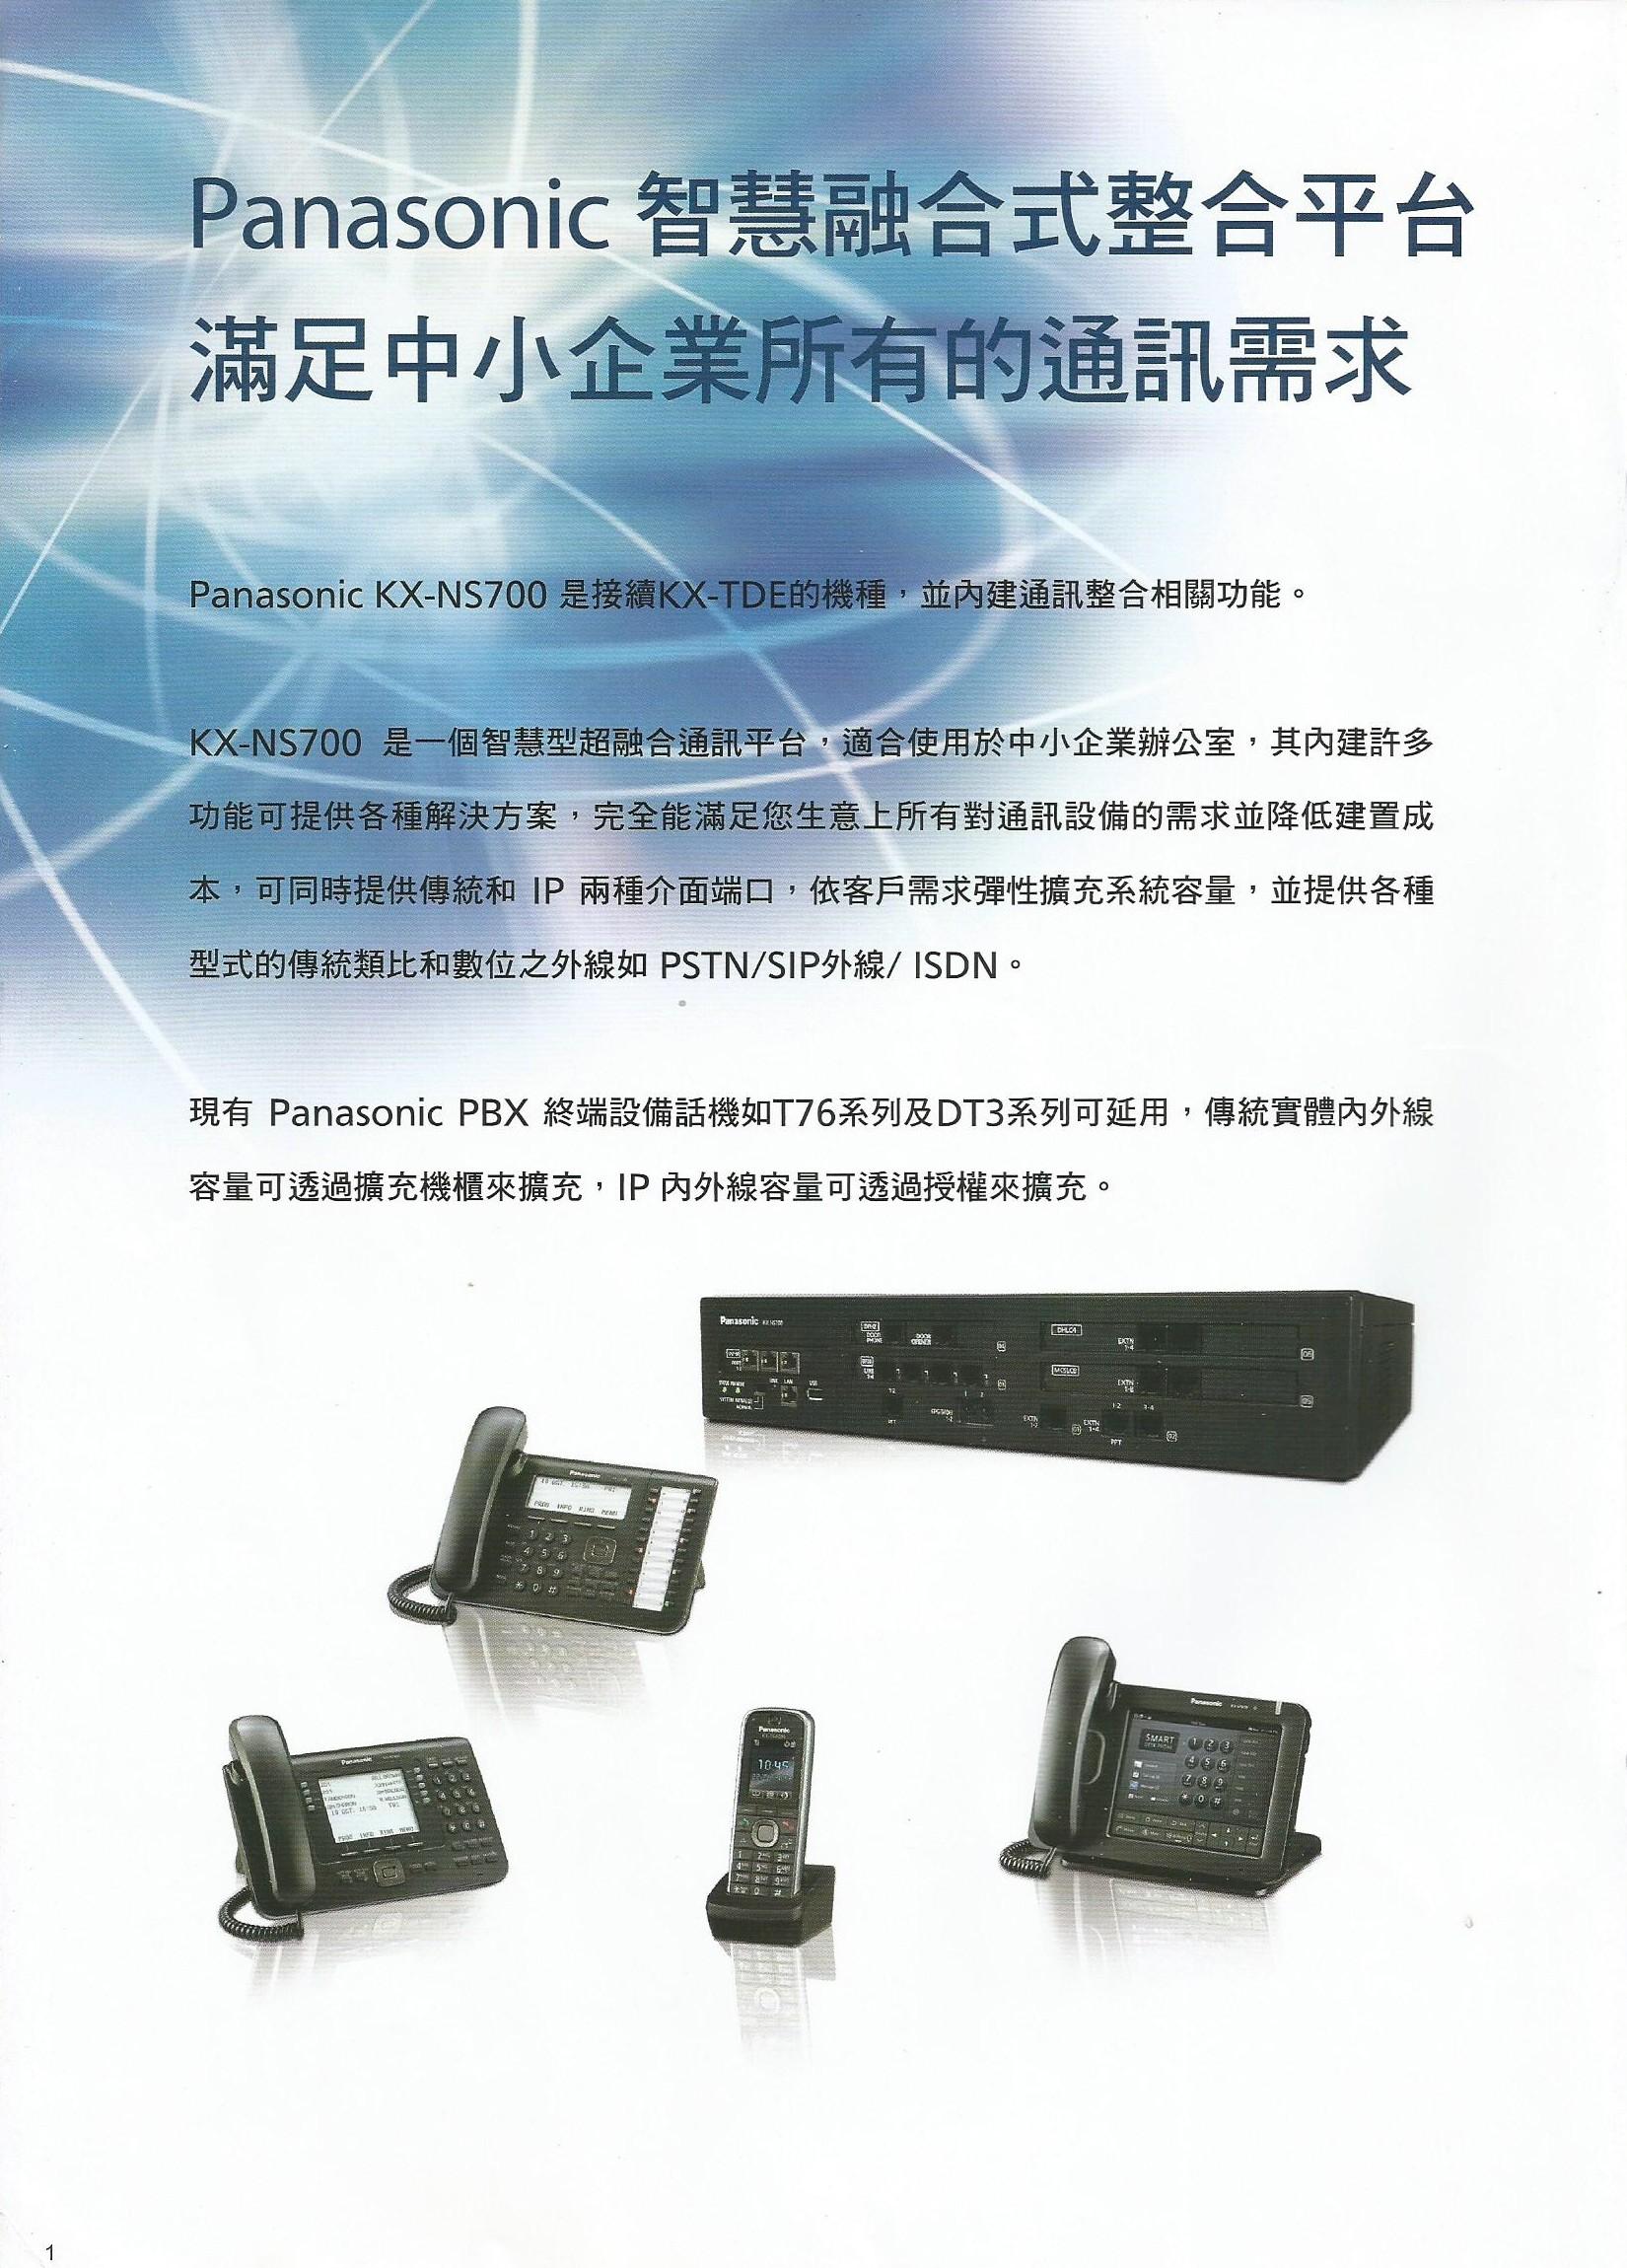 KX-NS700_2